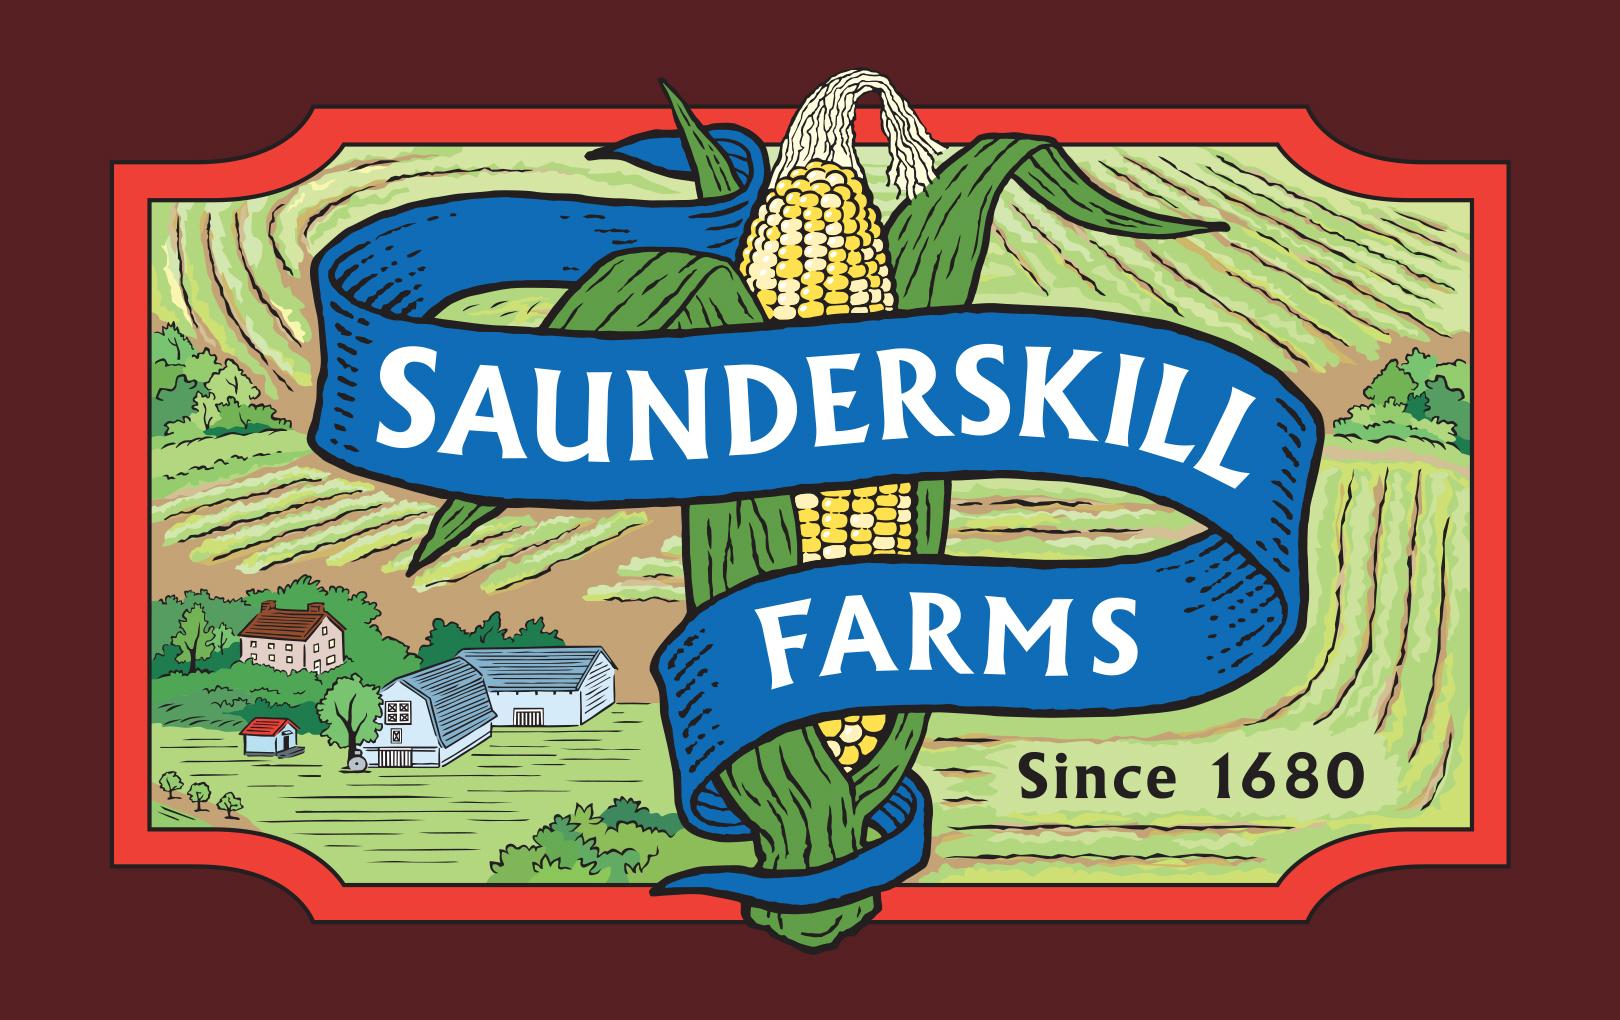 3-Saunderskill-logo+bkgd frame.jpg